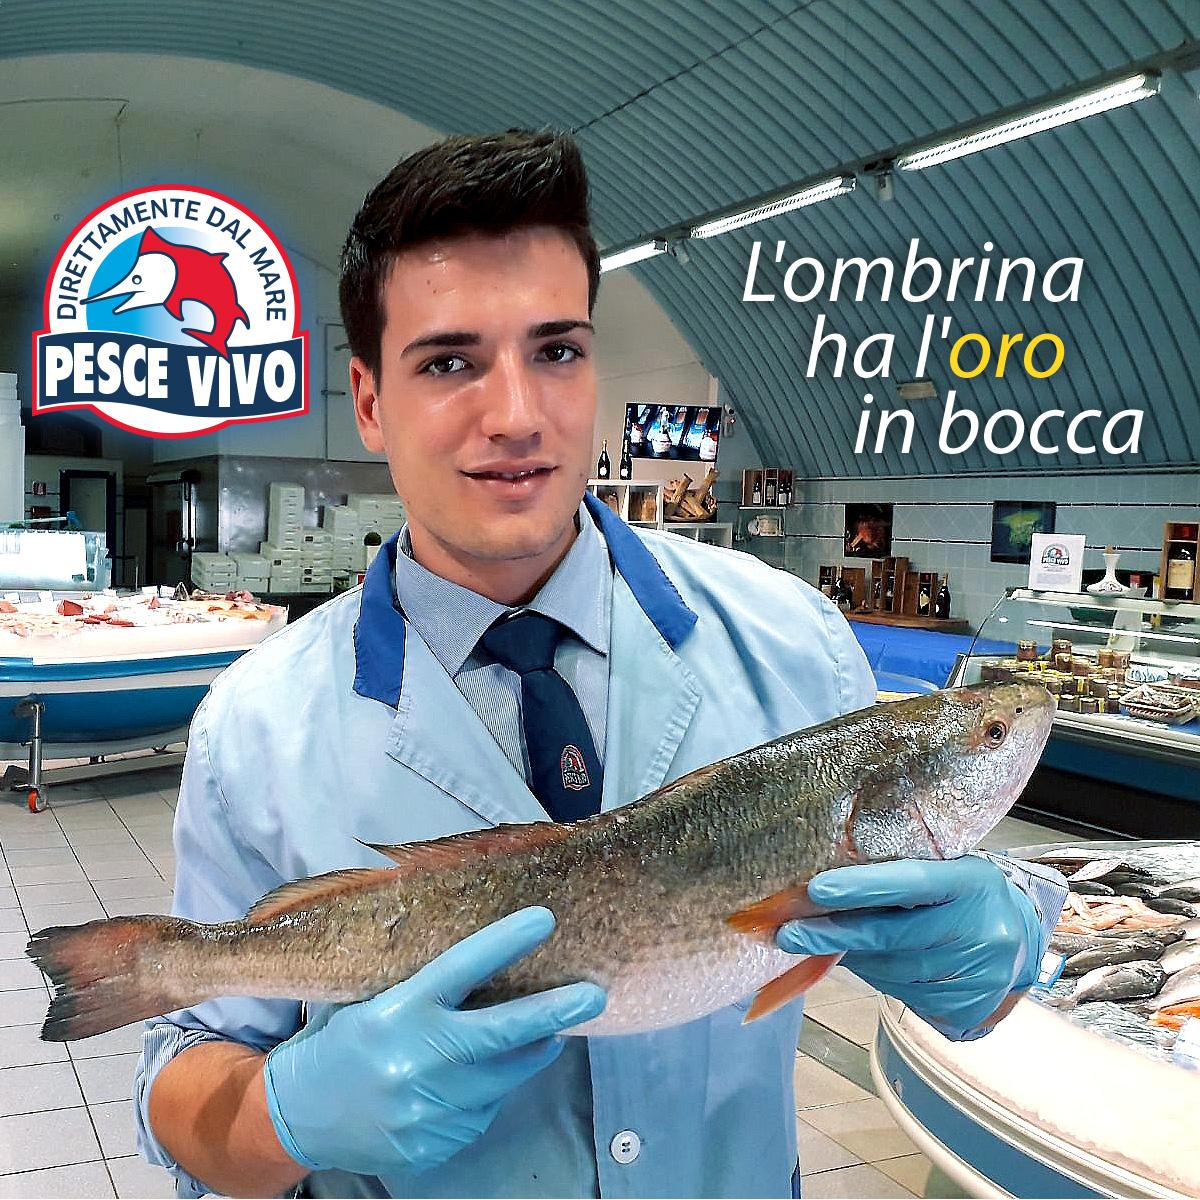 1570678d1f L'ombrina boccadoro